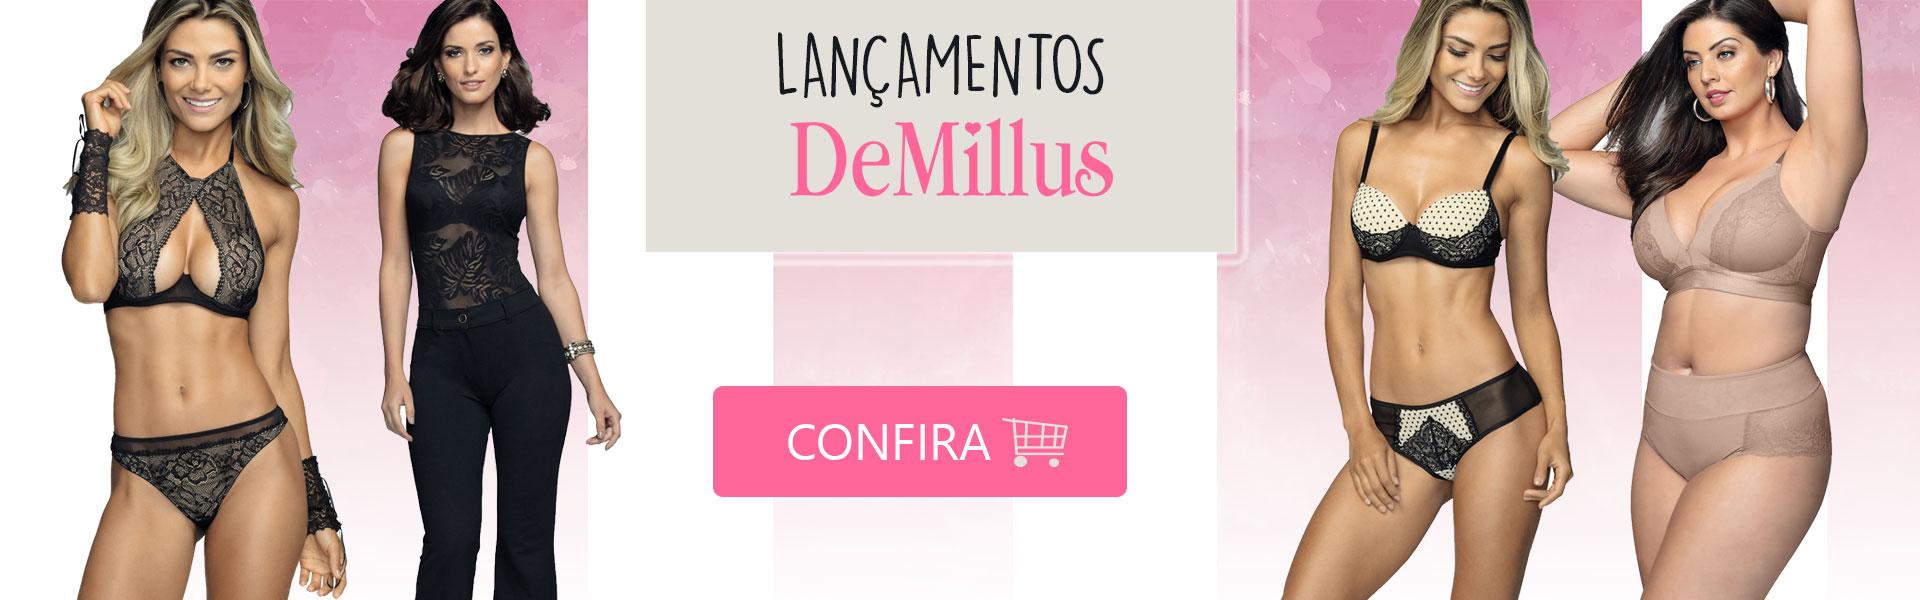 Lançamentos Novidades DeMillus